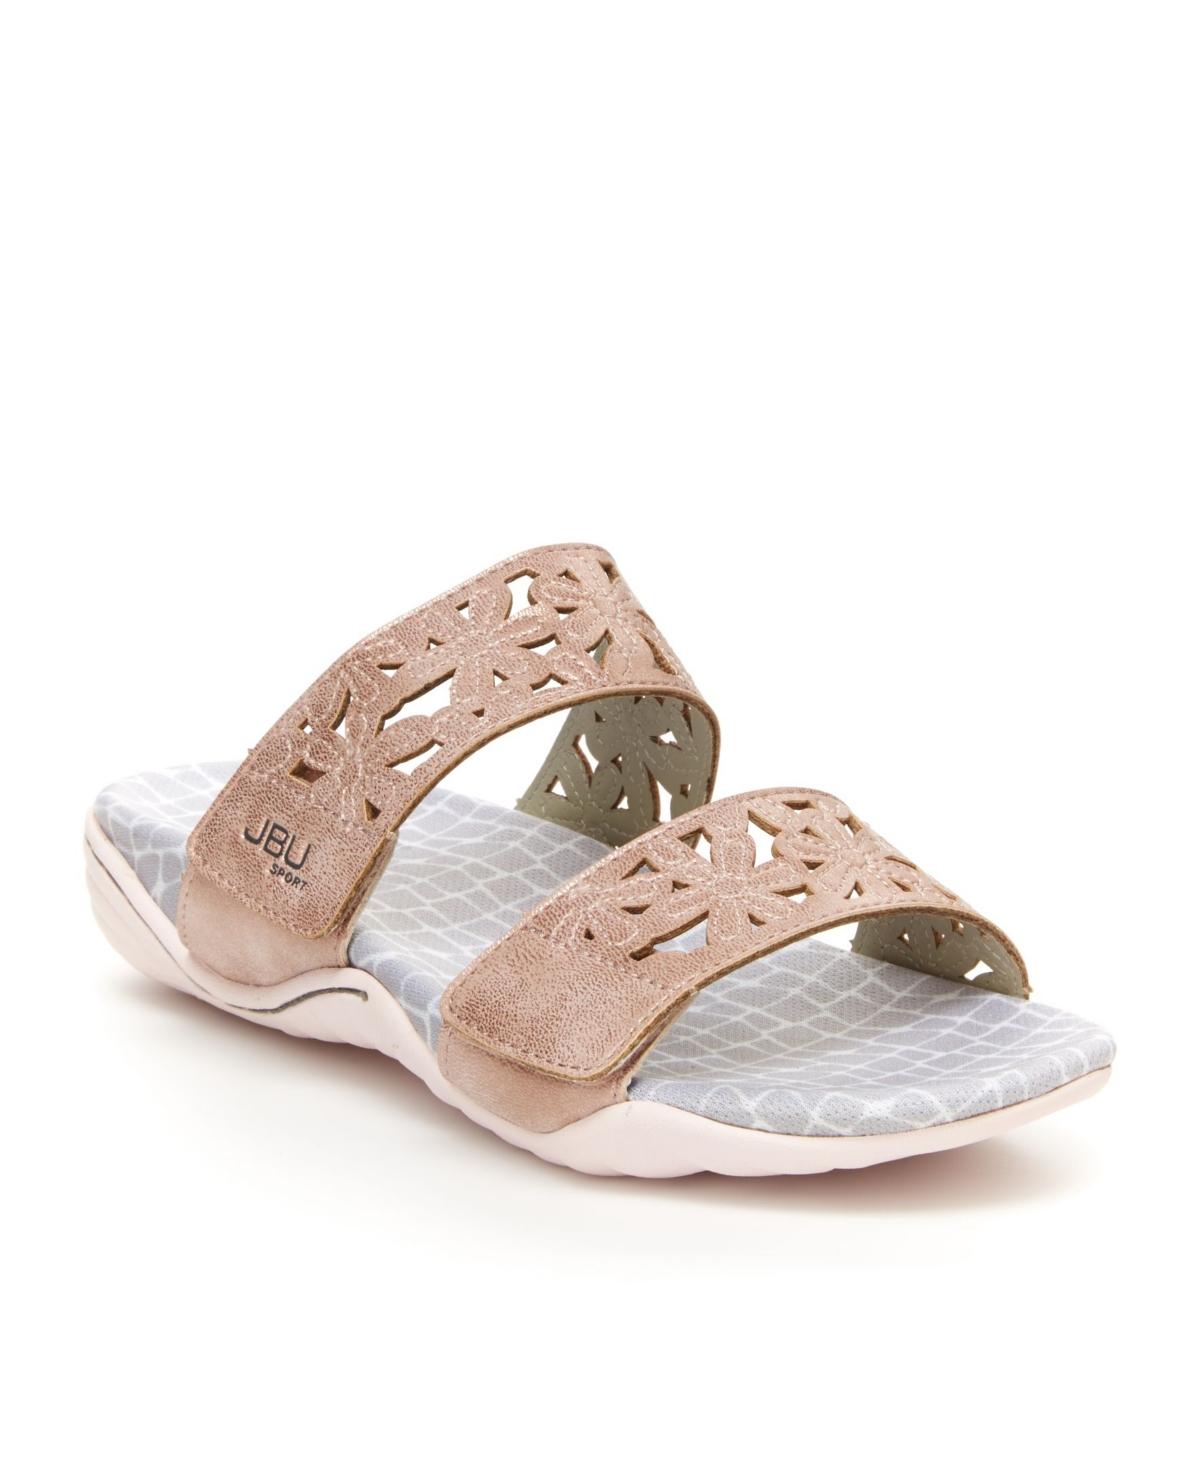 Women's Wildflower Slide Casual Sandal Women's Shoes